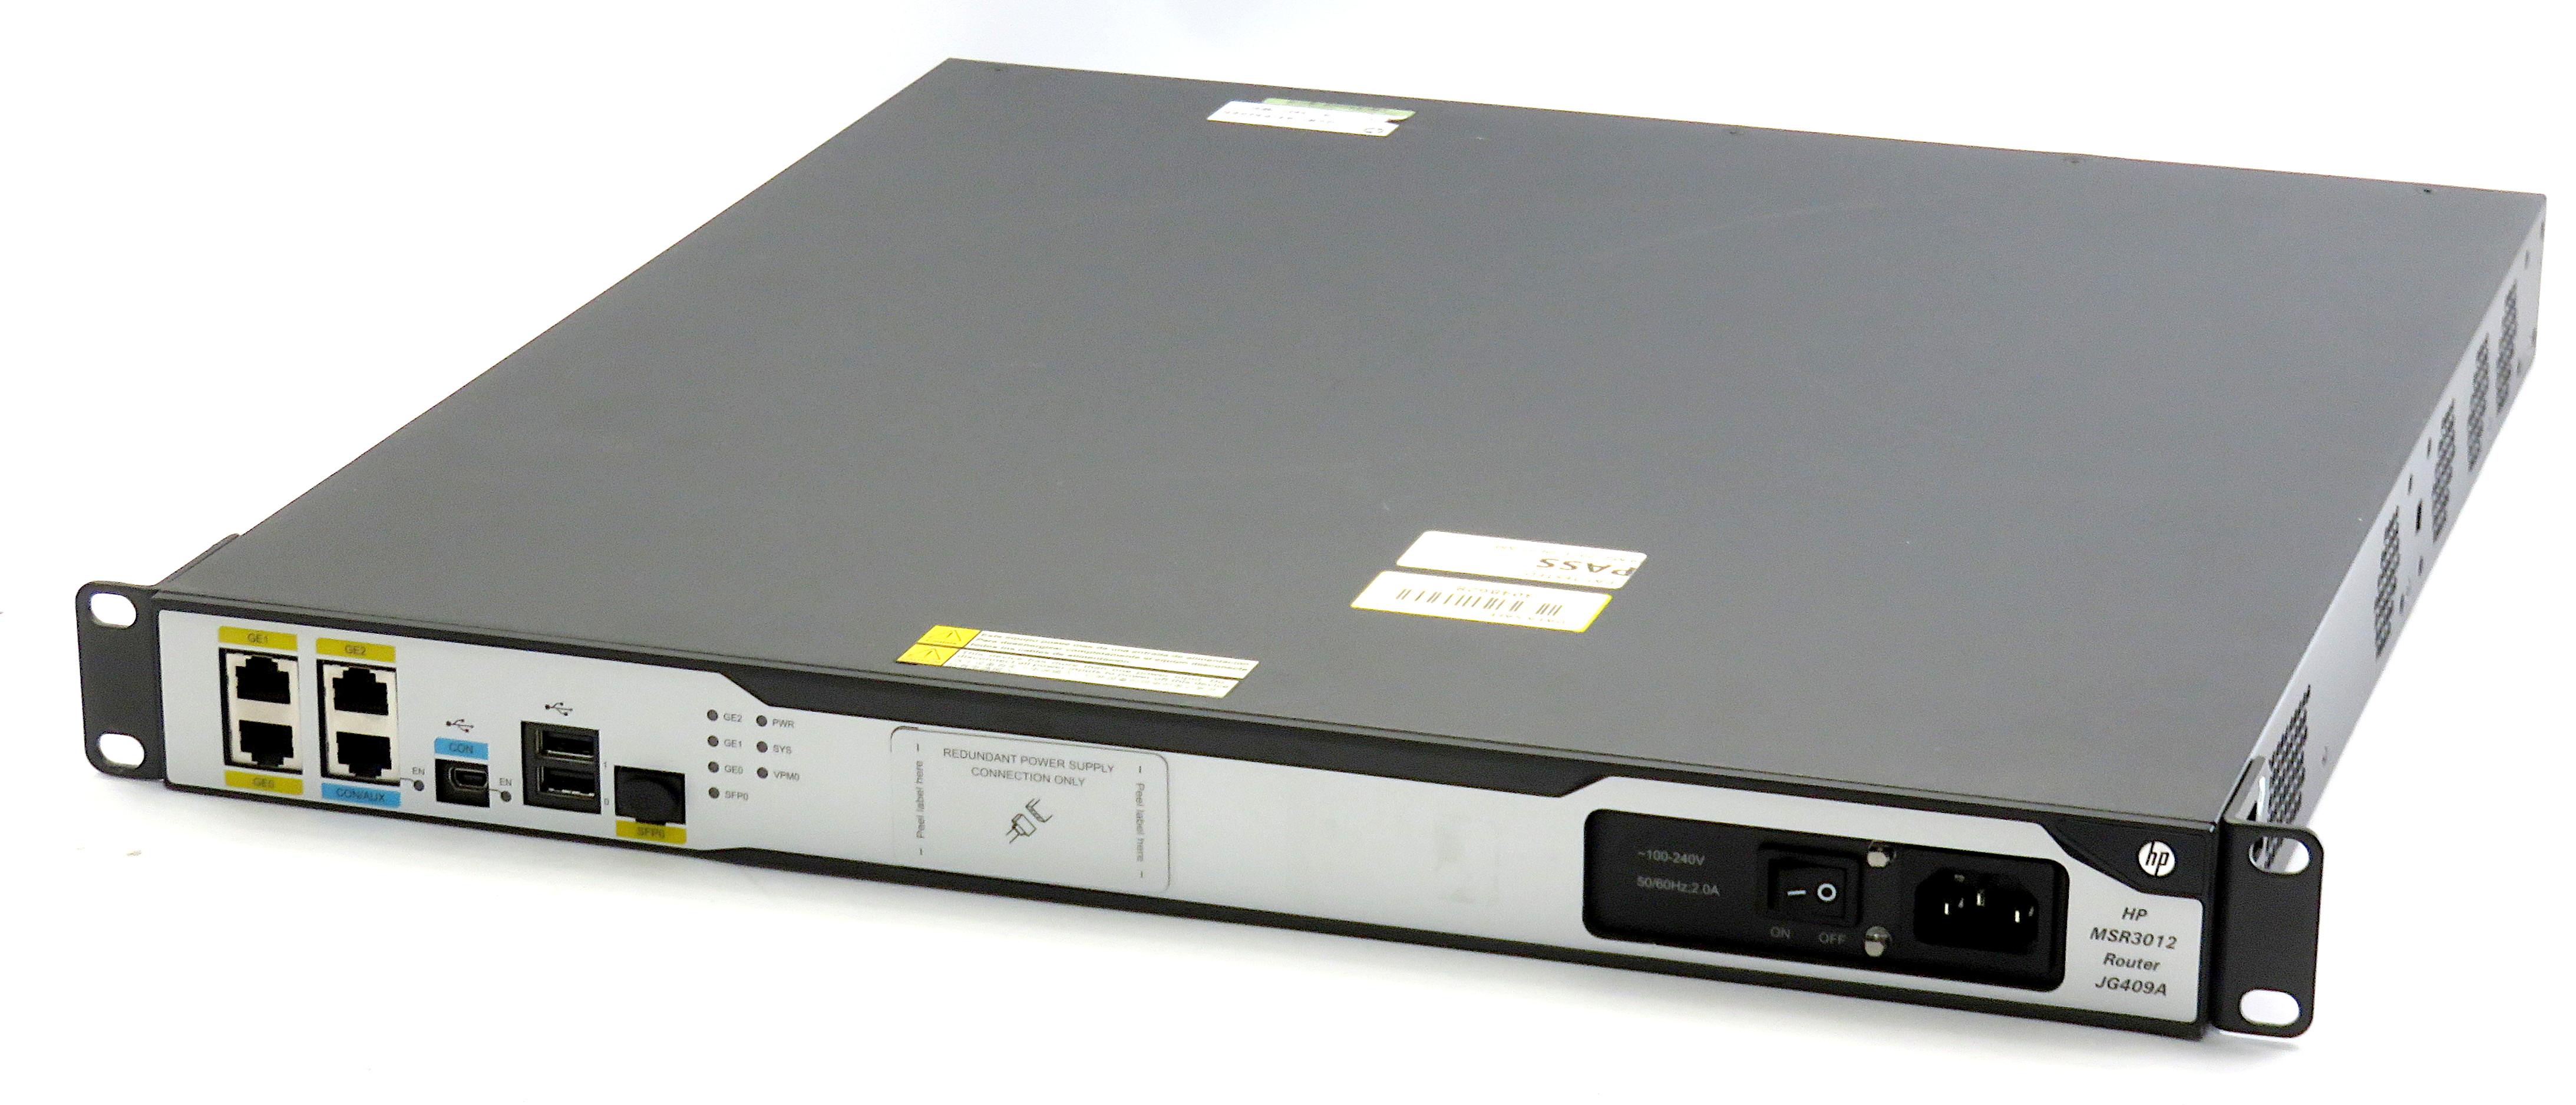 HP MSR3012 FlexNetwork MSR3012 AC Modular FlexBranch Architechture Router JG409A